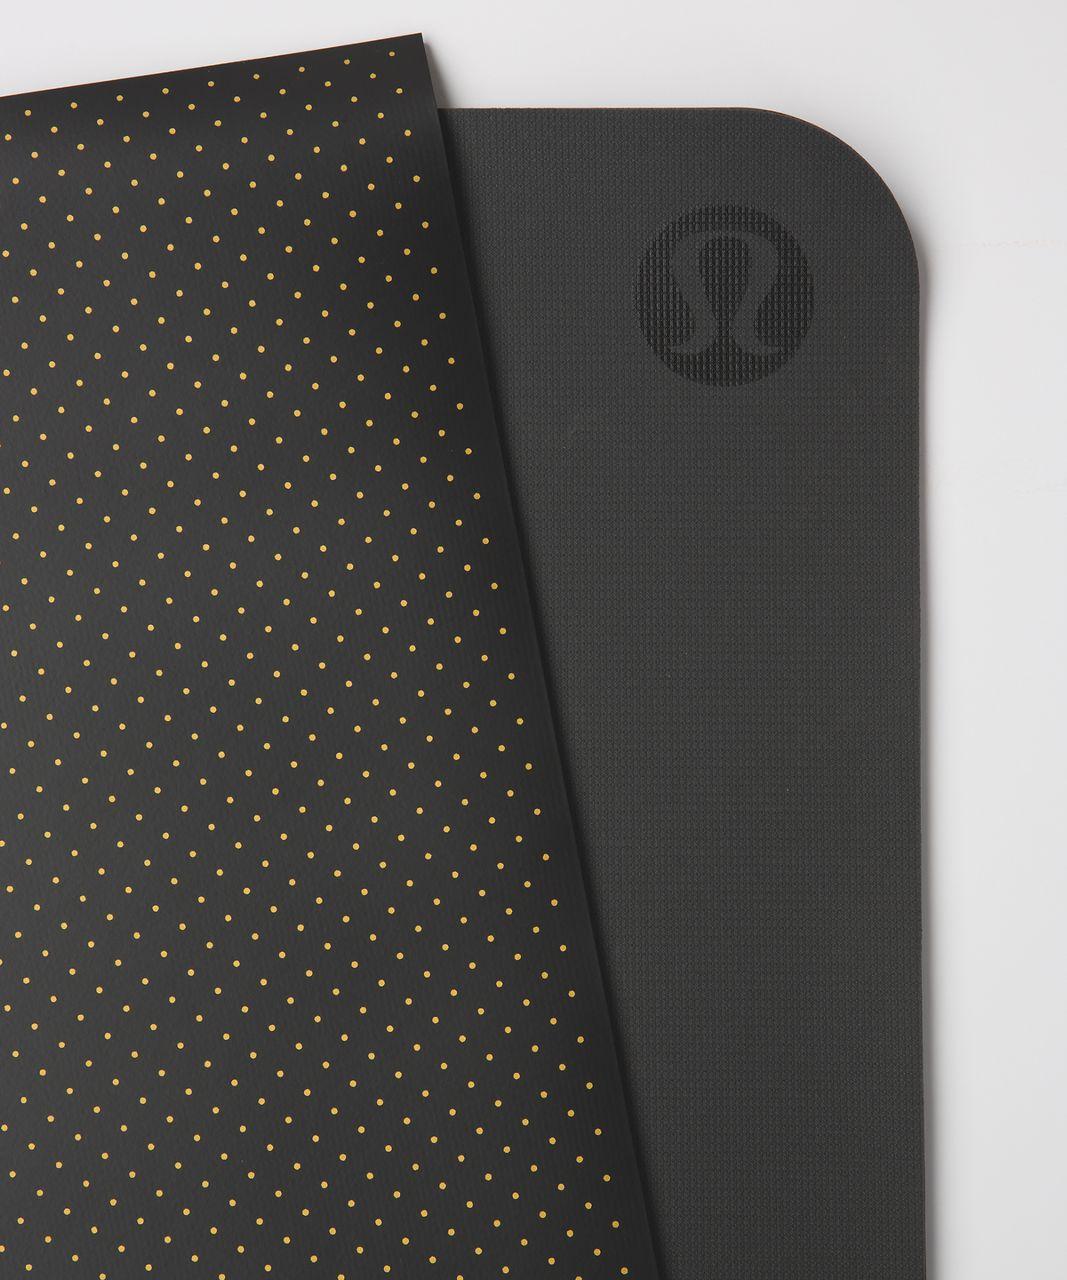 Lululemon The Reversible Mat 5mm - Teeny Dot Black Multi Gold / Black